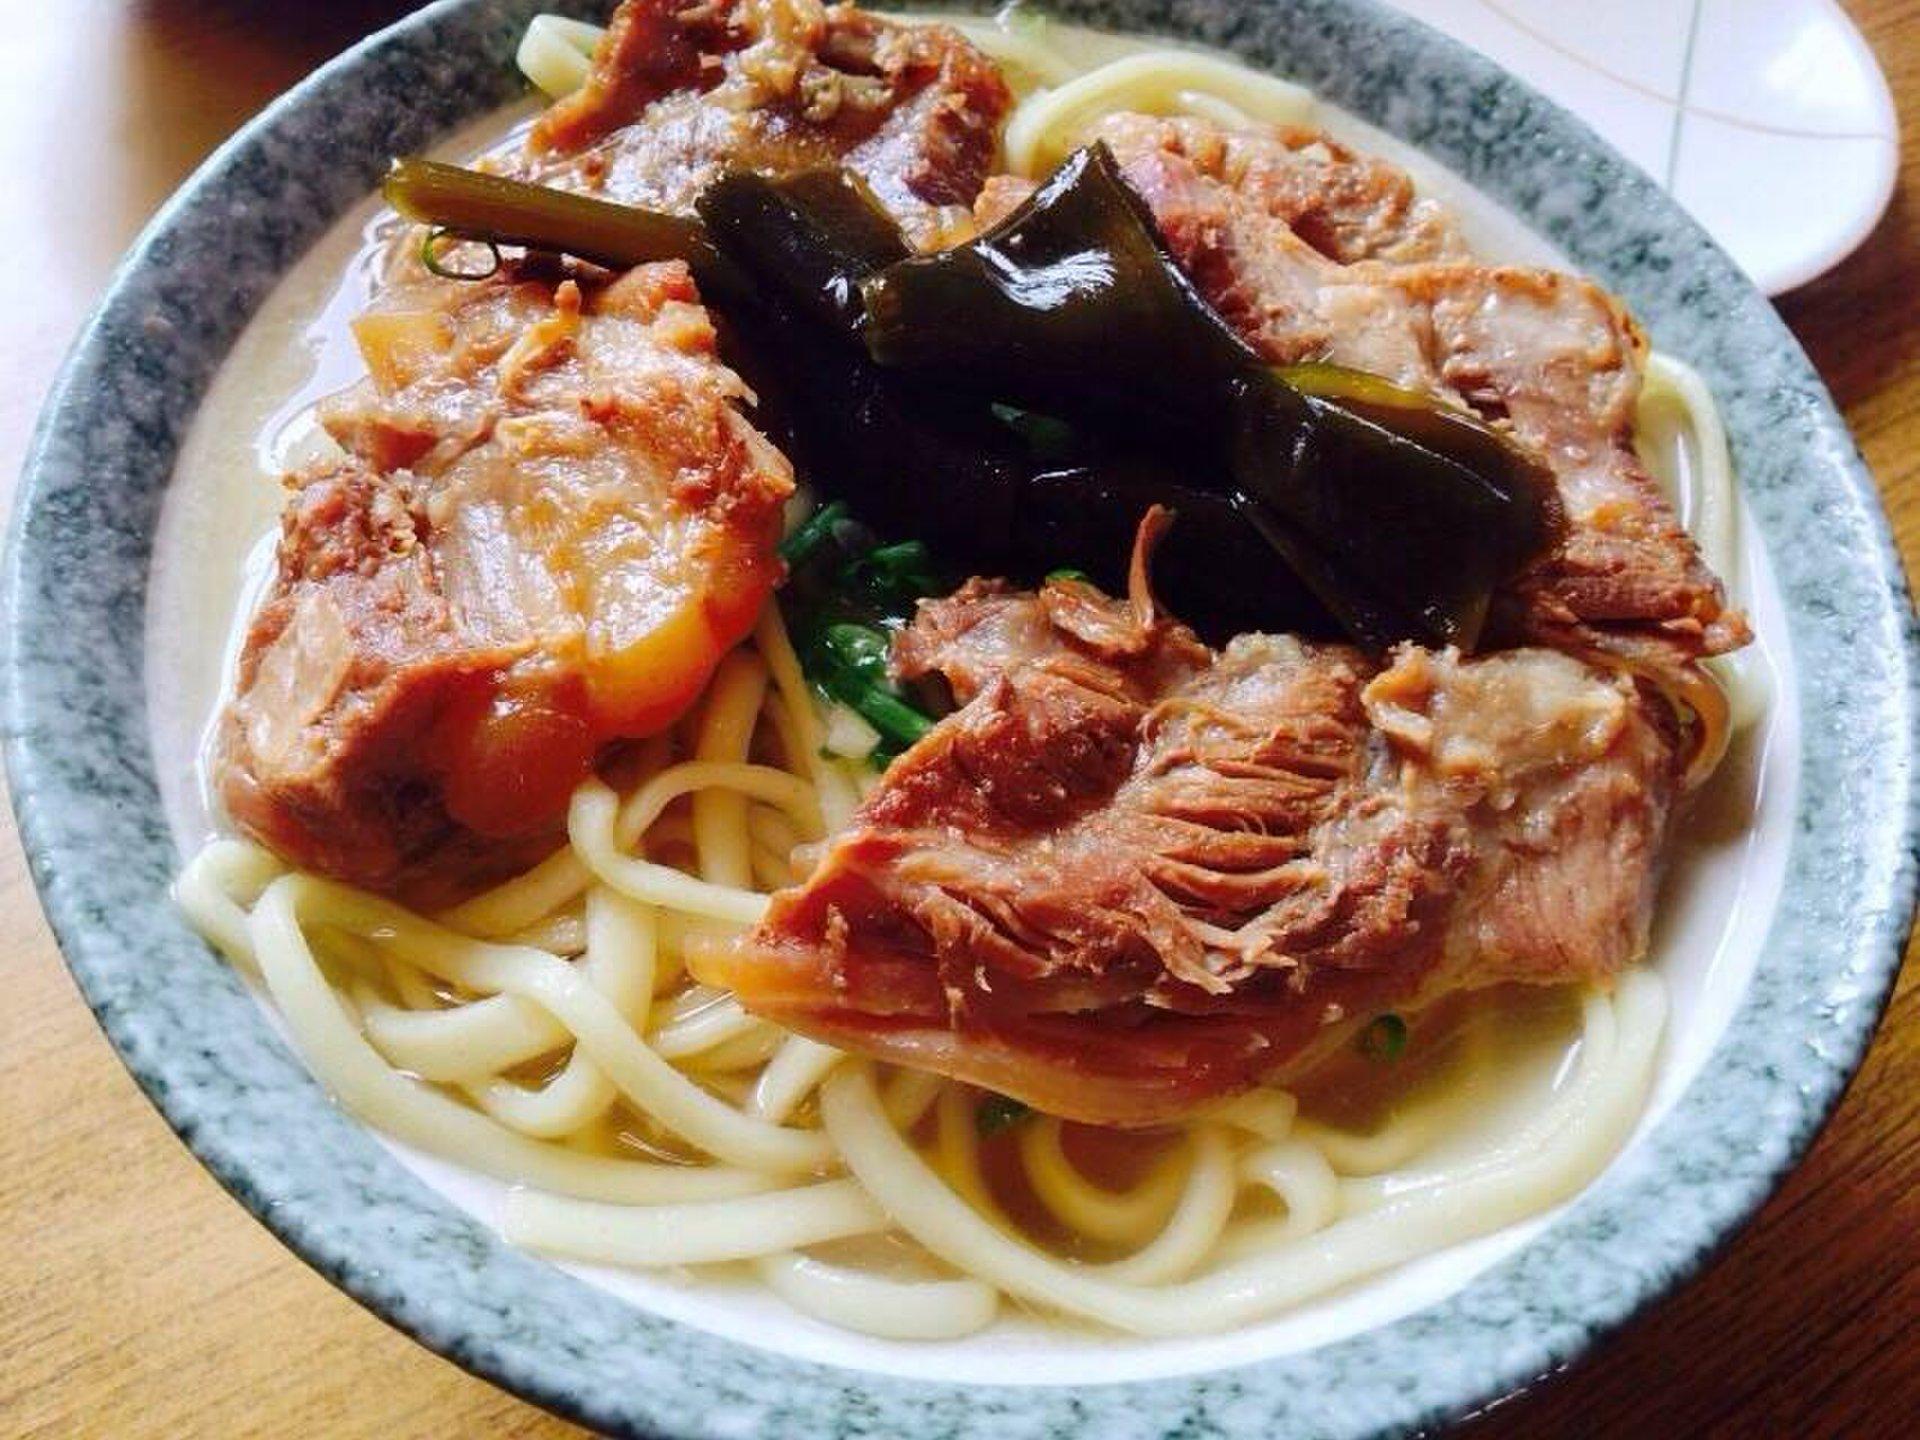 絶対食べたい沖縄県民おすすめそばランチ14選!スープ&麺大分析!